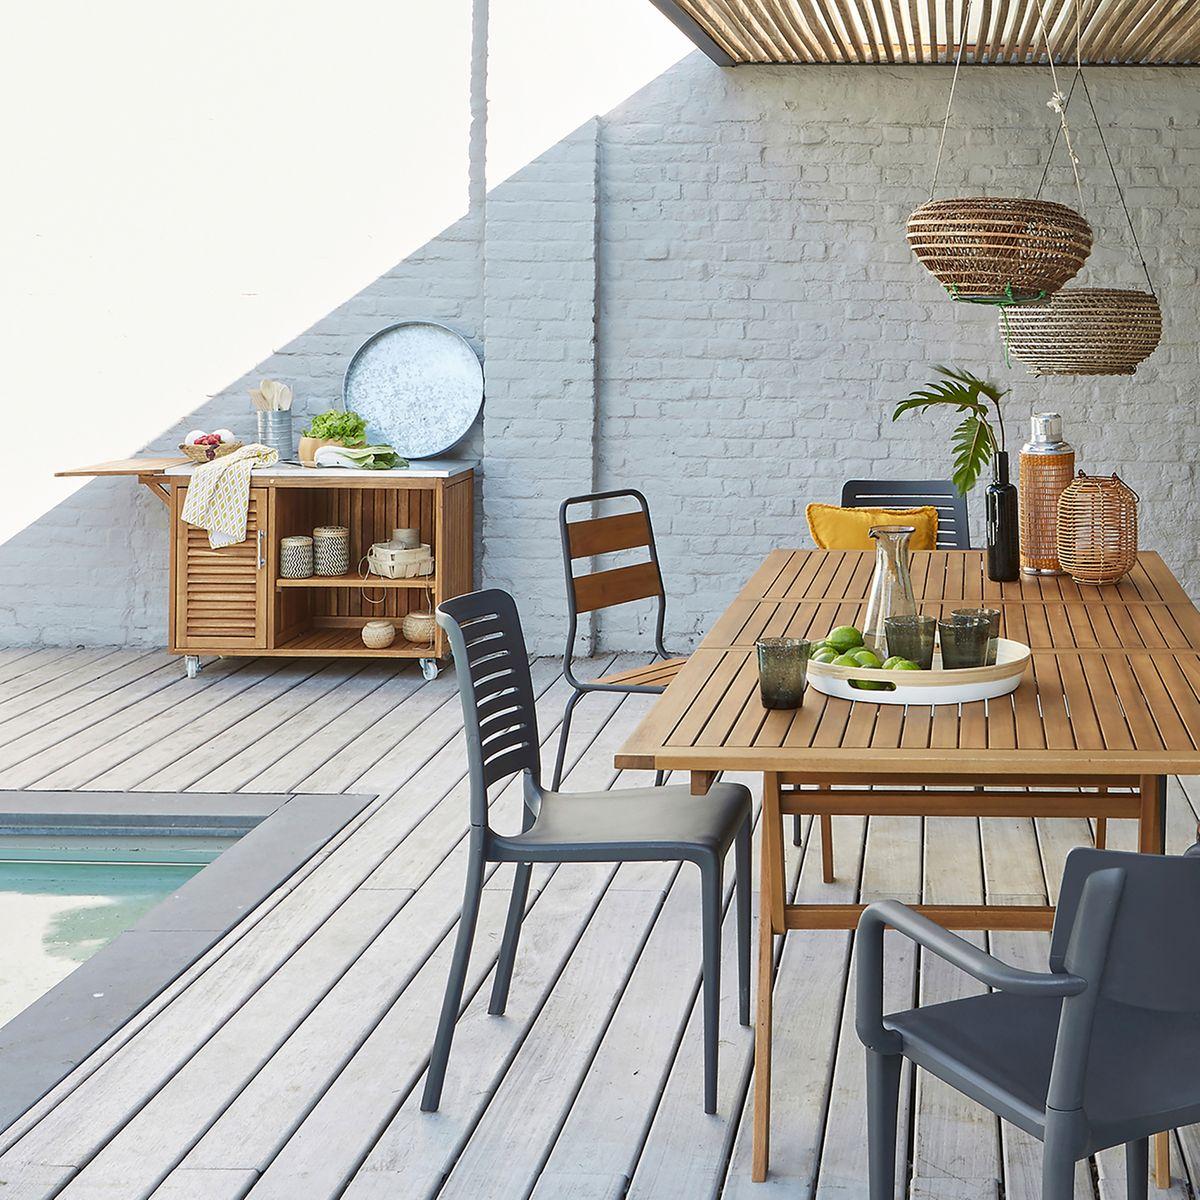 Evier Pour Cuisine D Été comment bien aménager sa cuisine d'été ? | madame décore